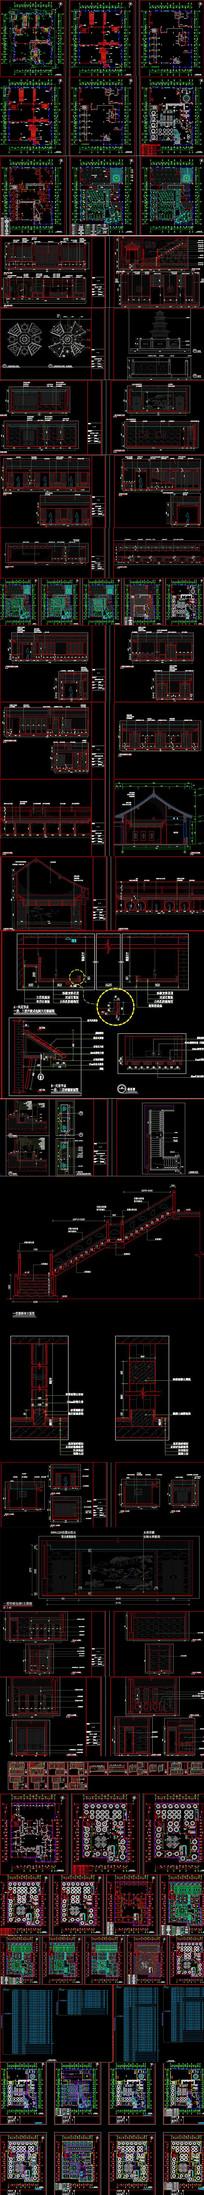 新中式饭店CAD施工图